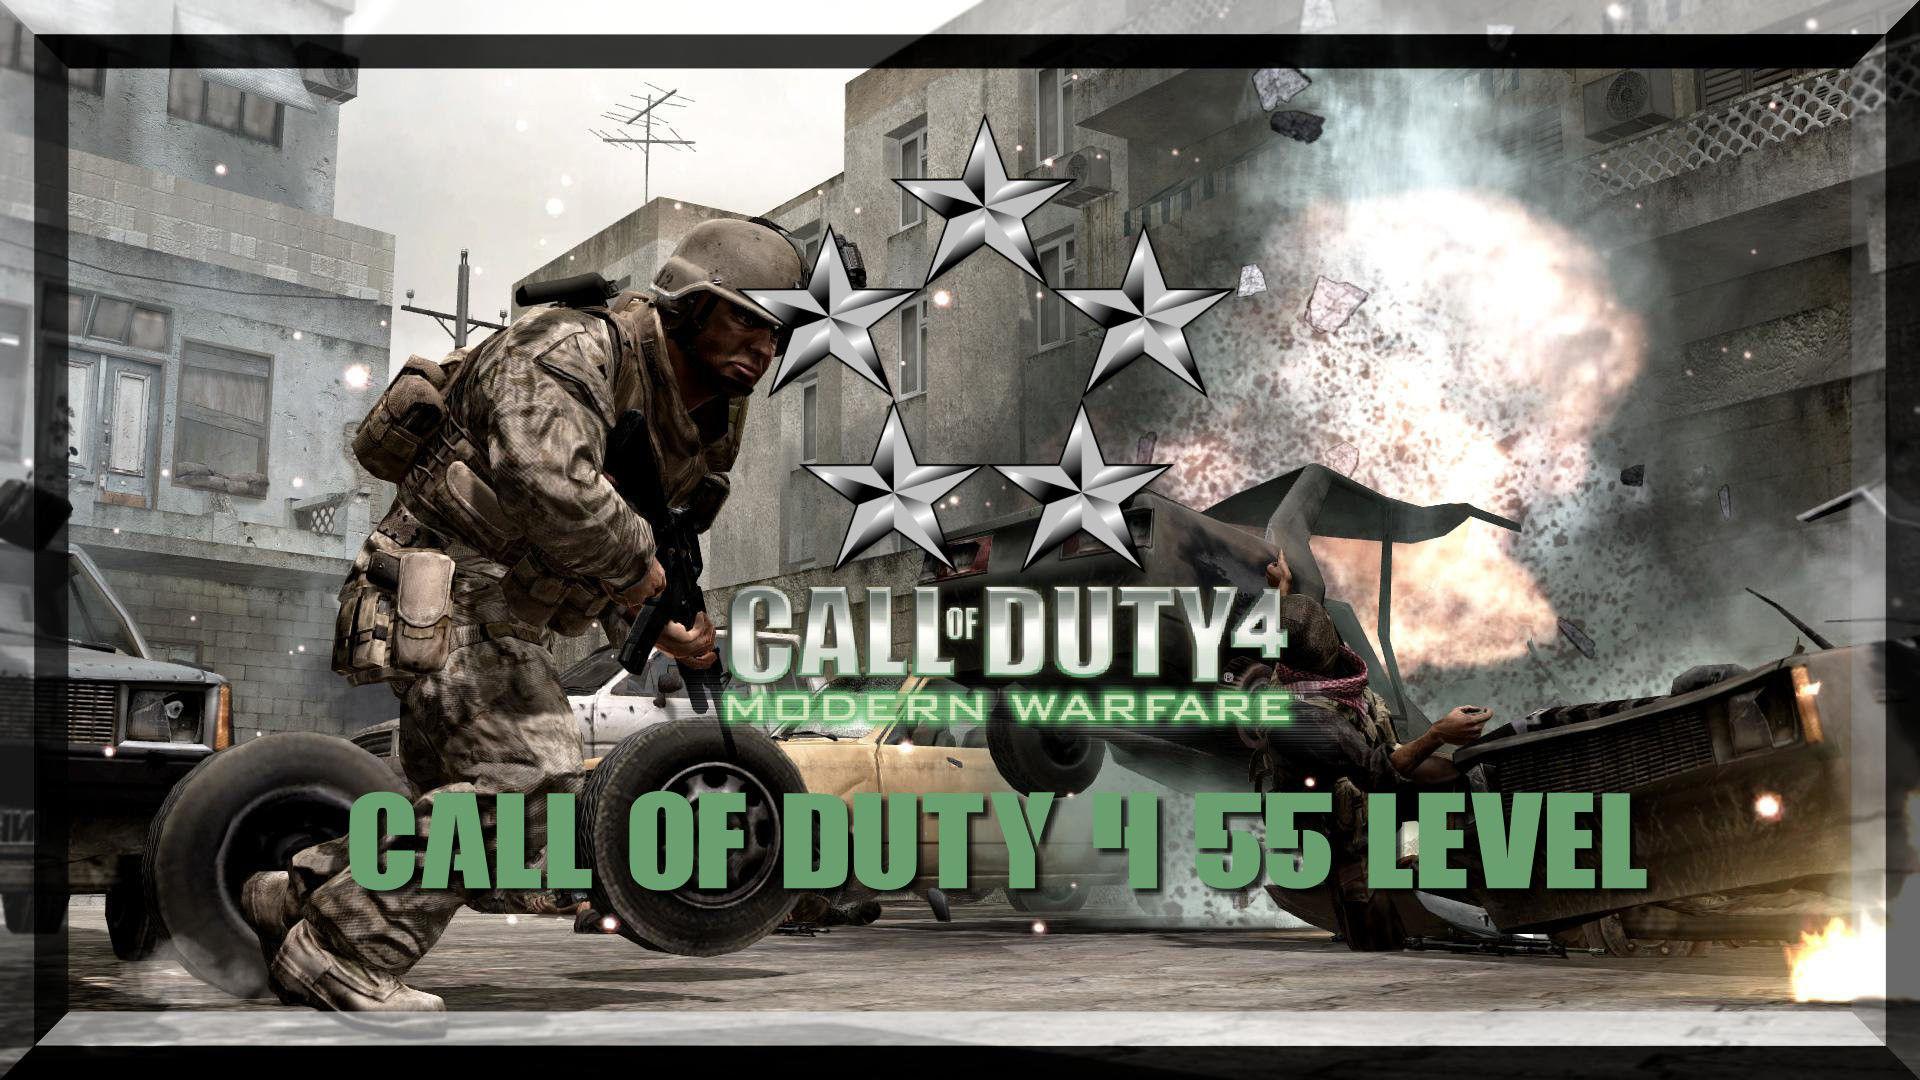 Call Of Duty 4 Modern Warfare 55 Level